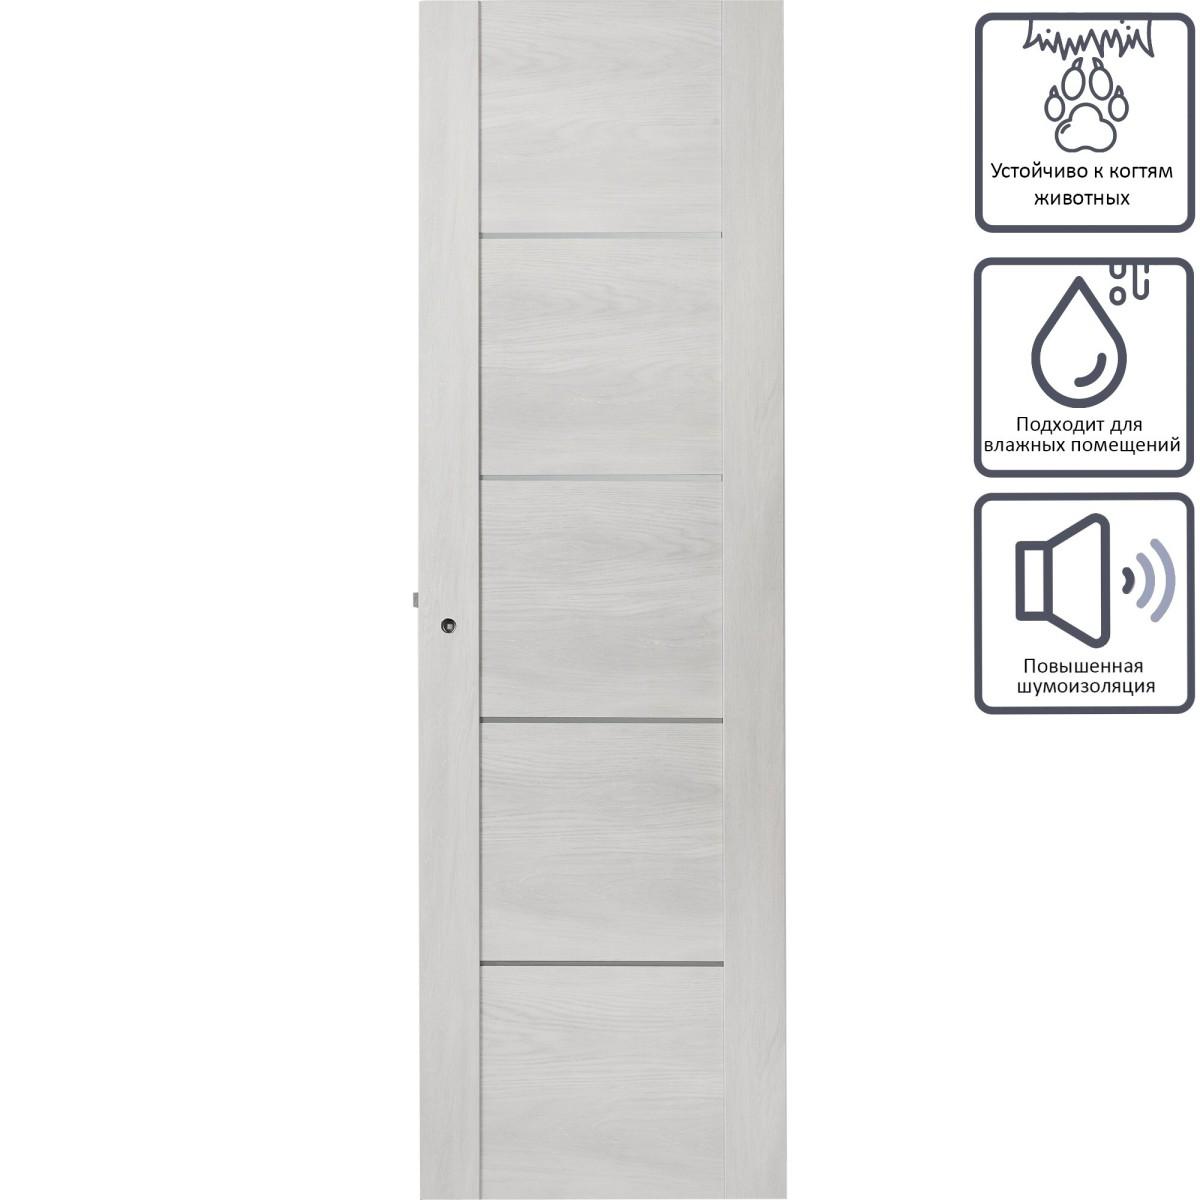 Дверь межкомнатная глухая с замком в комплекте Квадро 90x200 см ПВХ цвет шале капучино